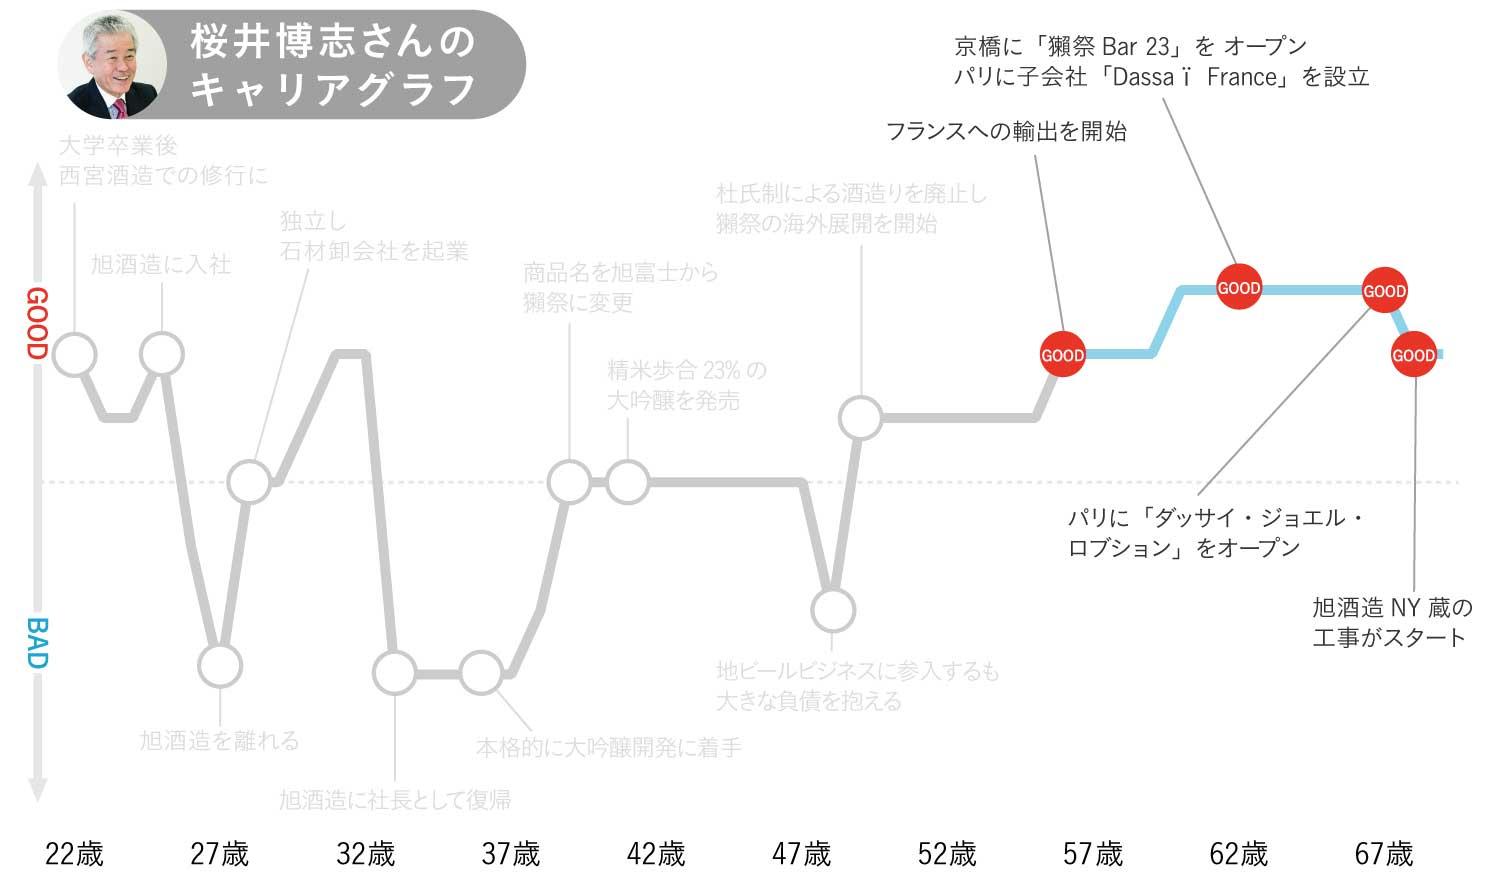 桜井博志さんのキャリアグラフ3